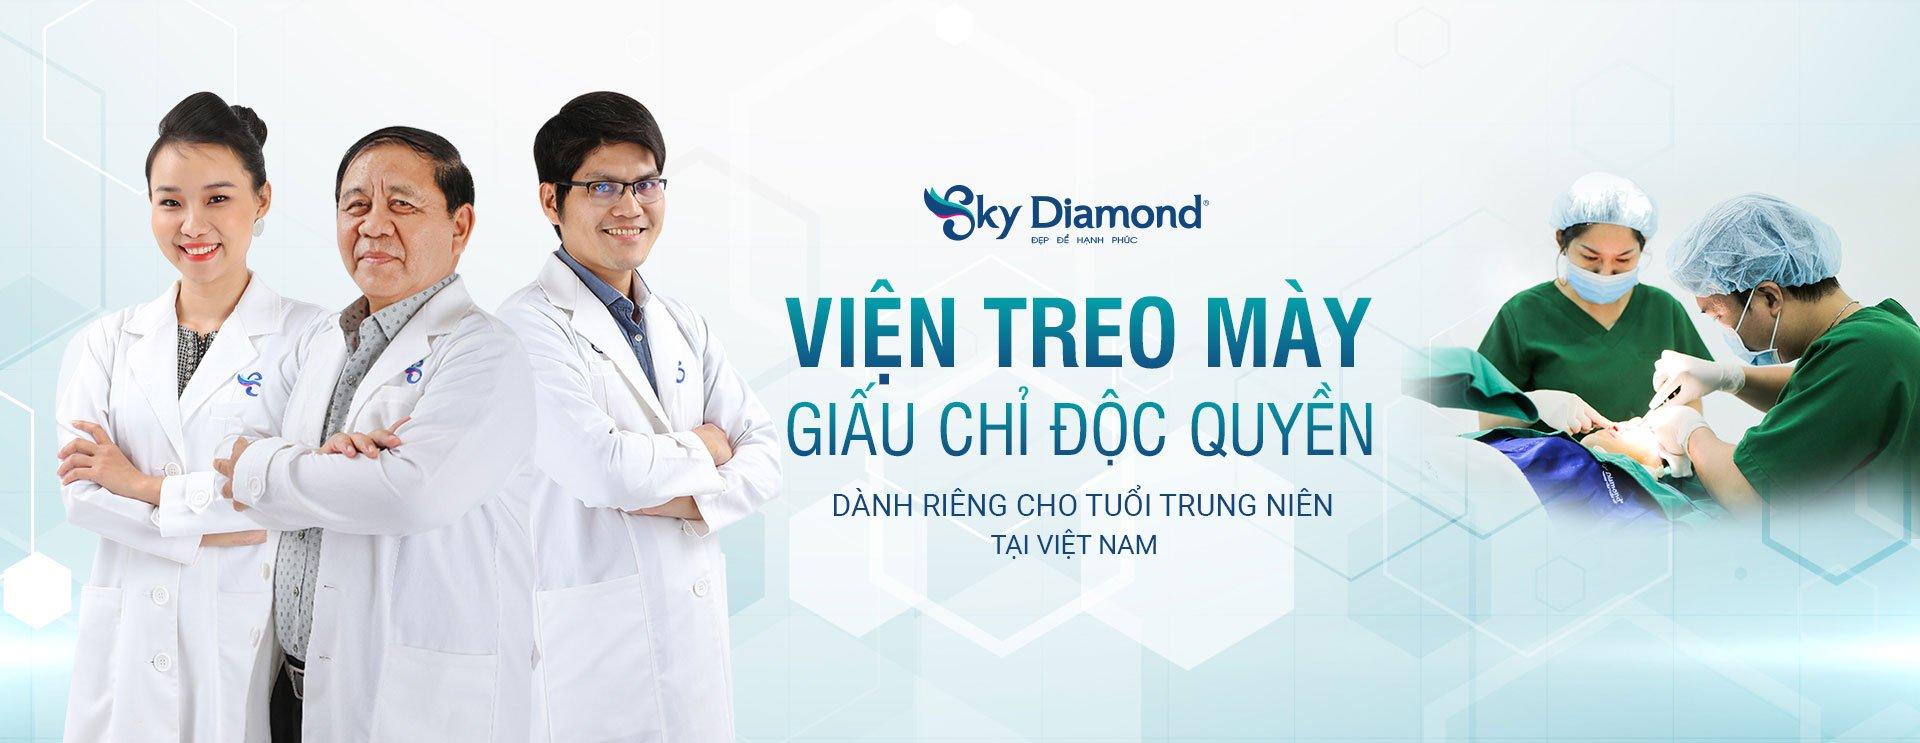 Banner Treo lông mày Sky Diamond